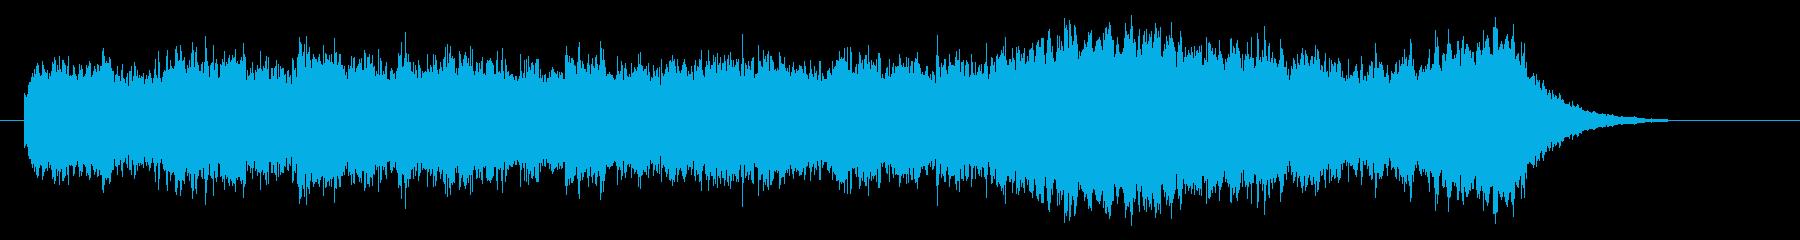 前向きな音色のシンセが特徴的なジングルの再生済みの波形